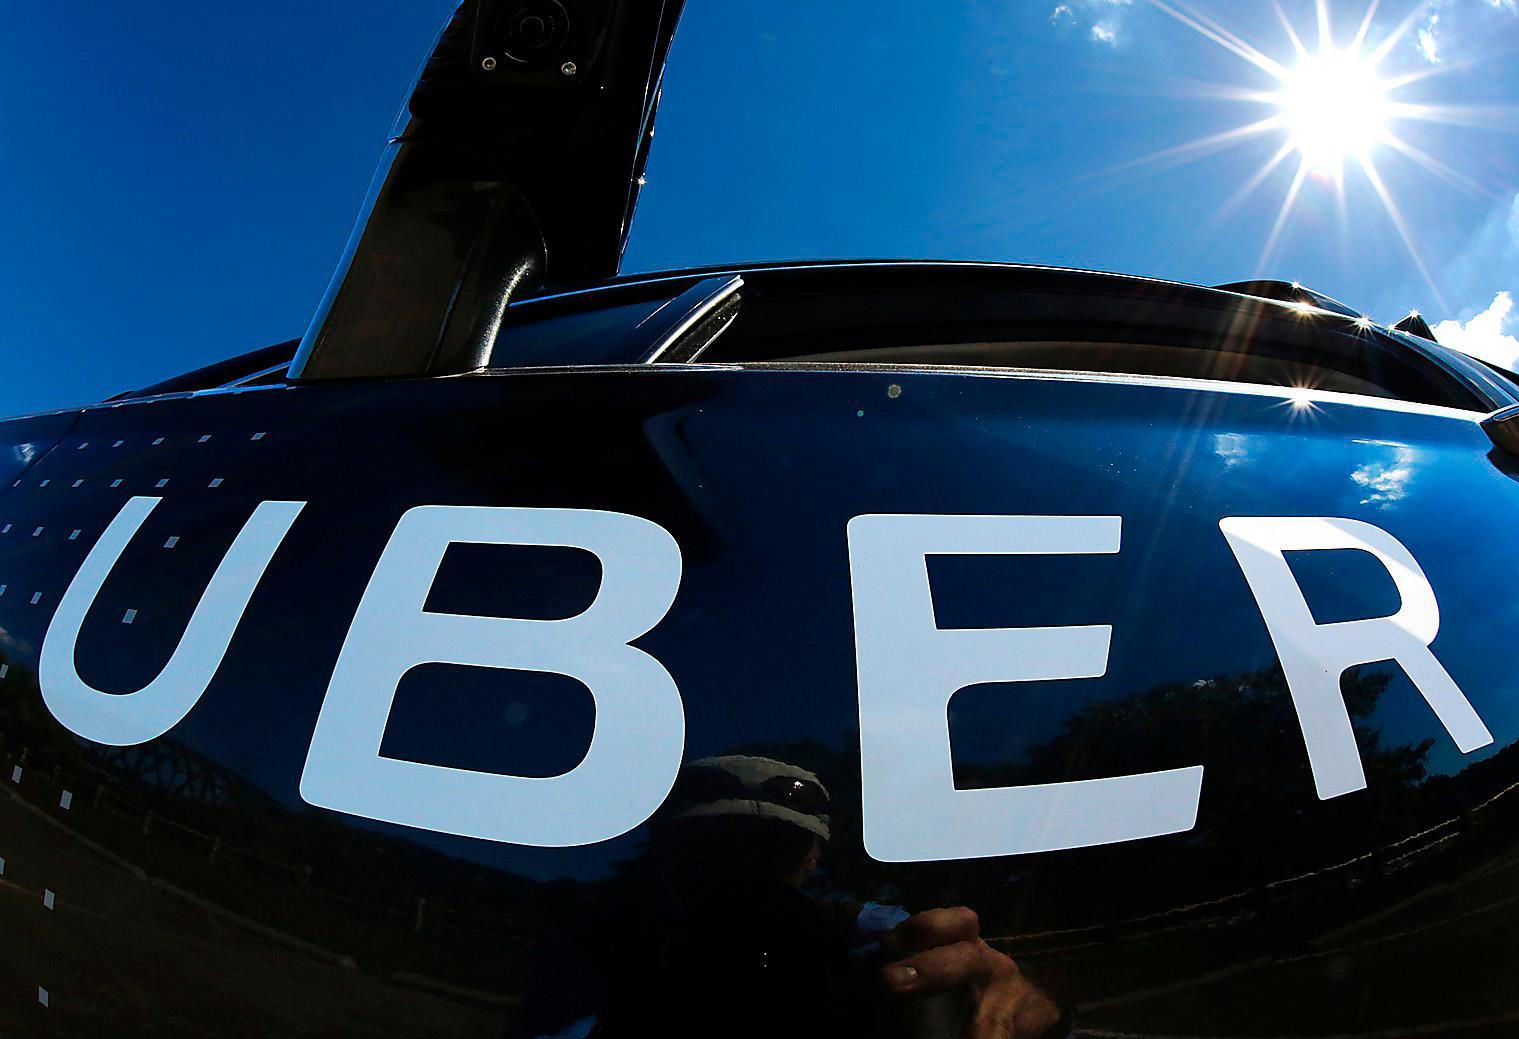 Ubers taxiverksamhet har över 300000 frilansande chaufförer bara i USA och ytterligare flera hundra tusen  i ett sextiotal länder världen över.